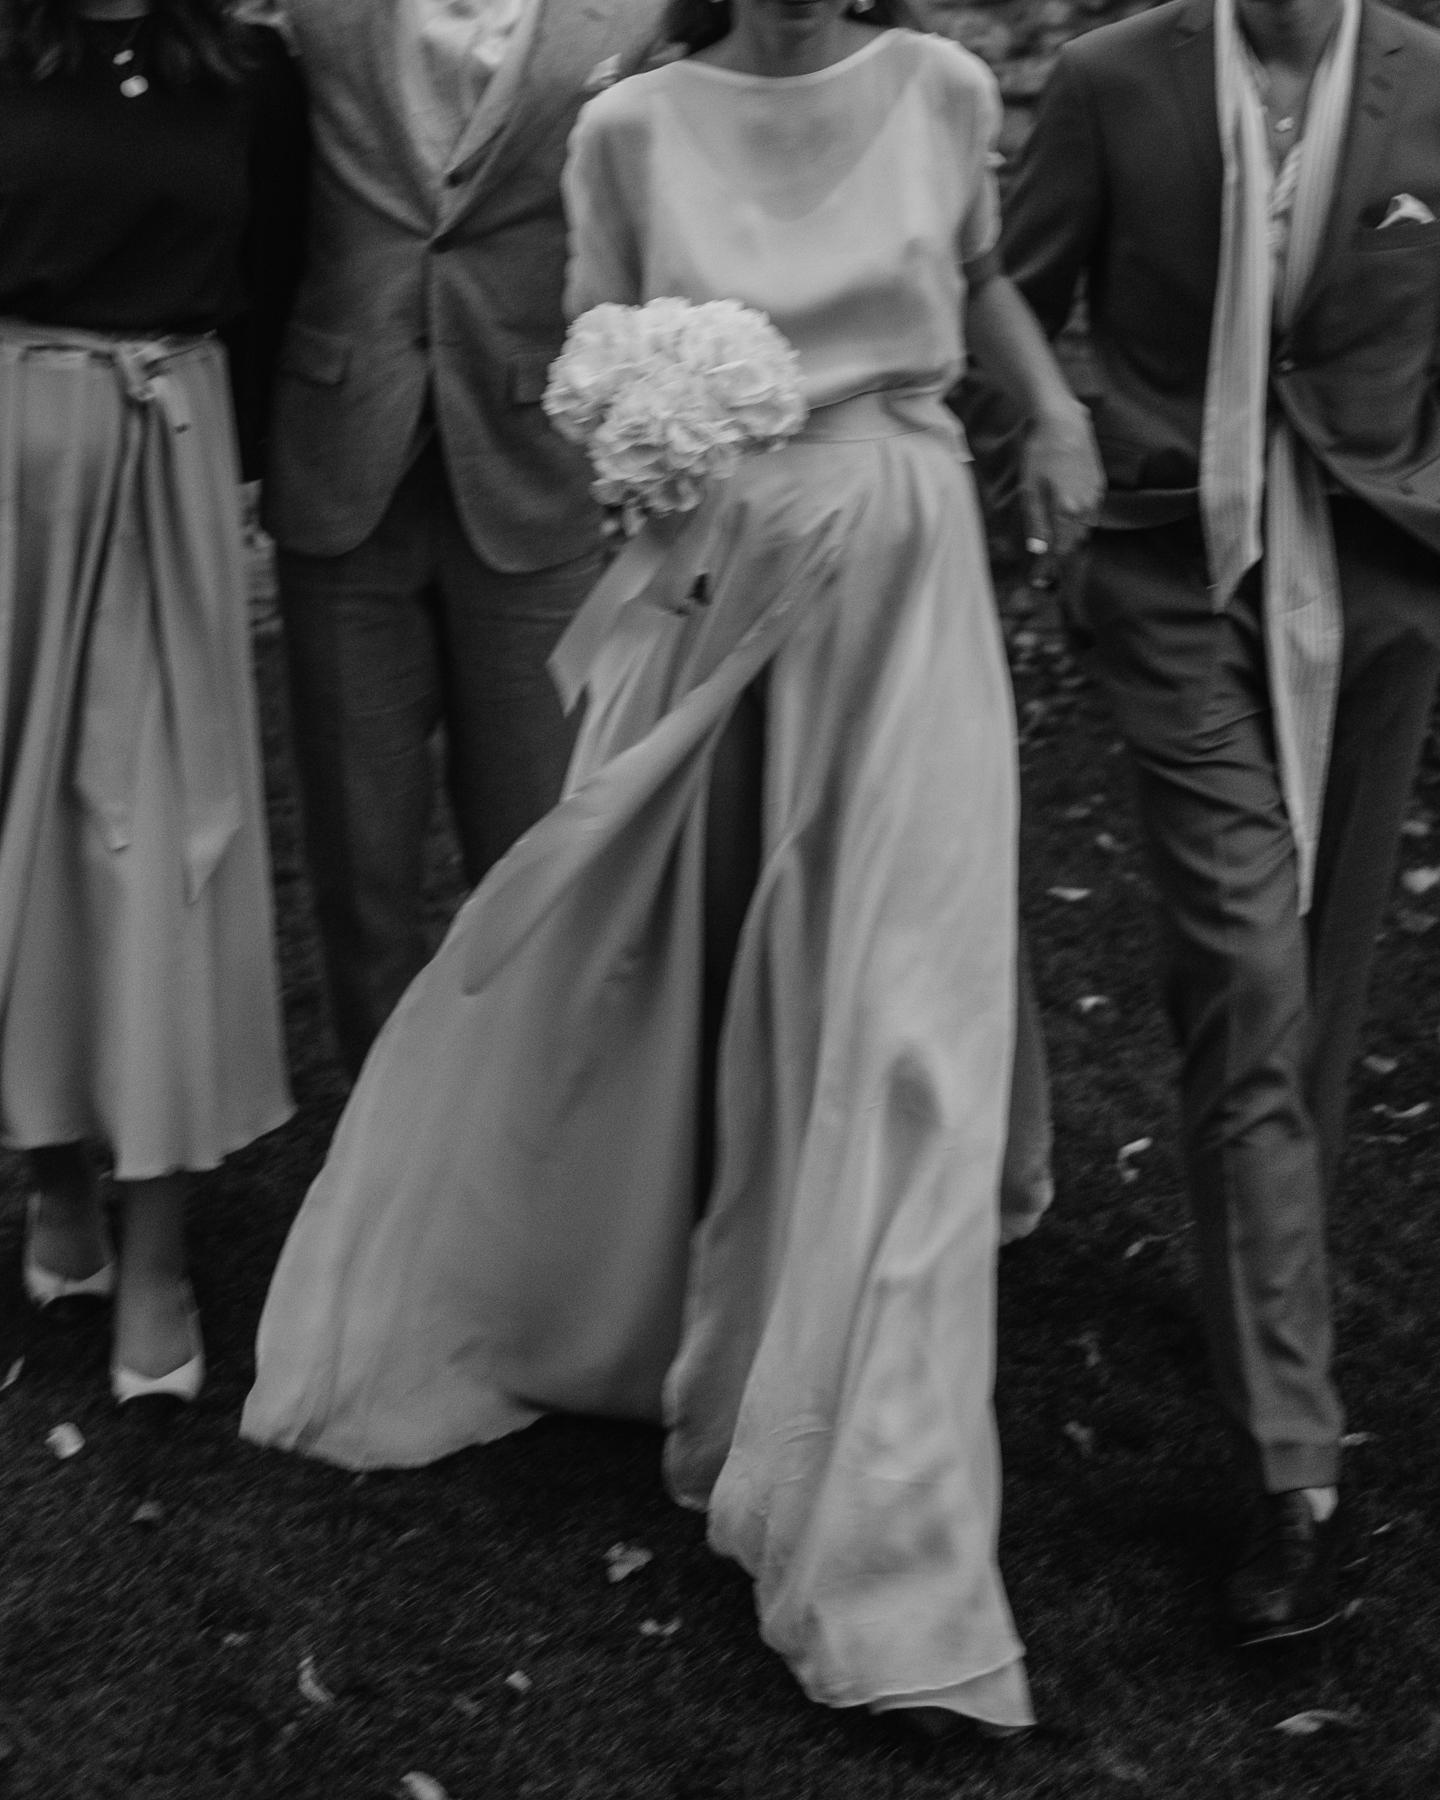 frank-lin-bridal-dress-hochzeitskleid-individuell-costum-stuttgart-brautkleiddesigner